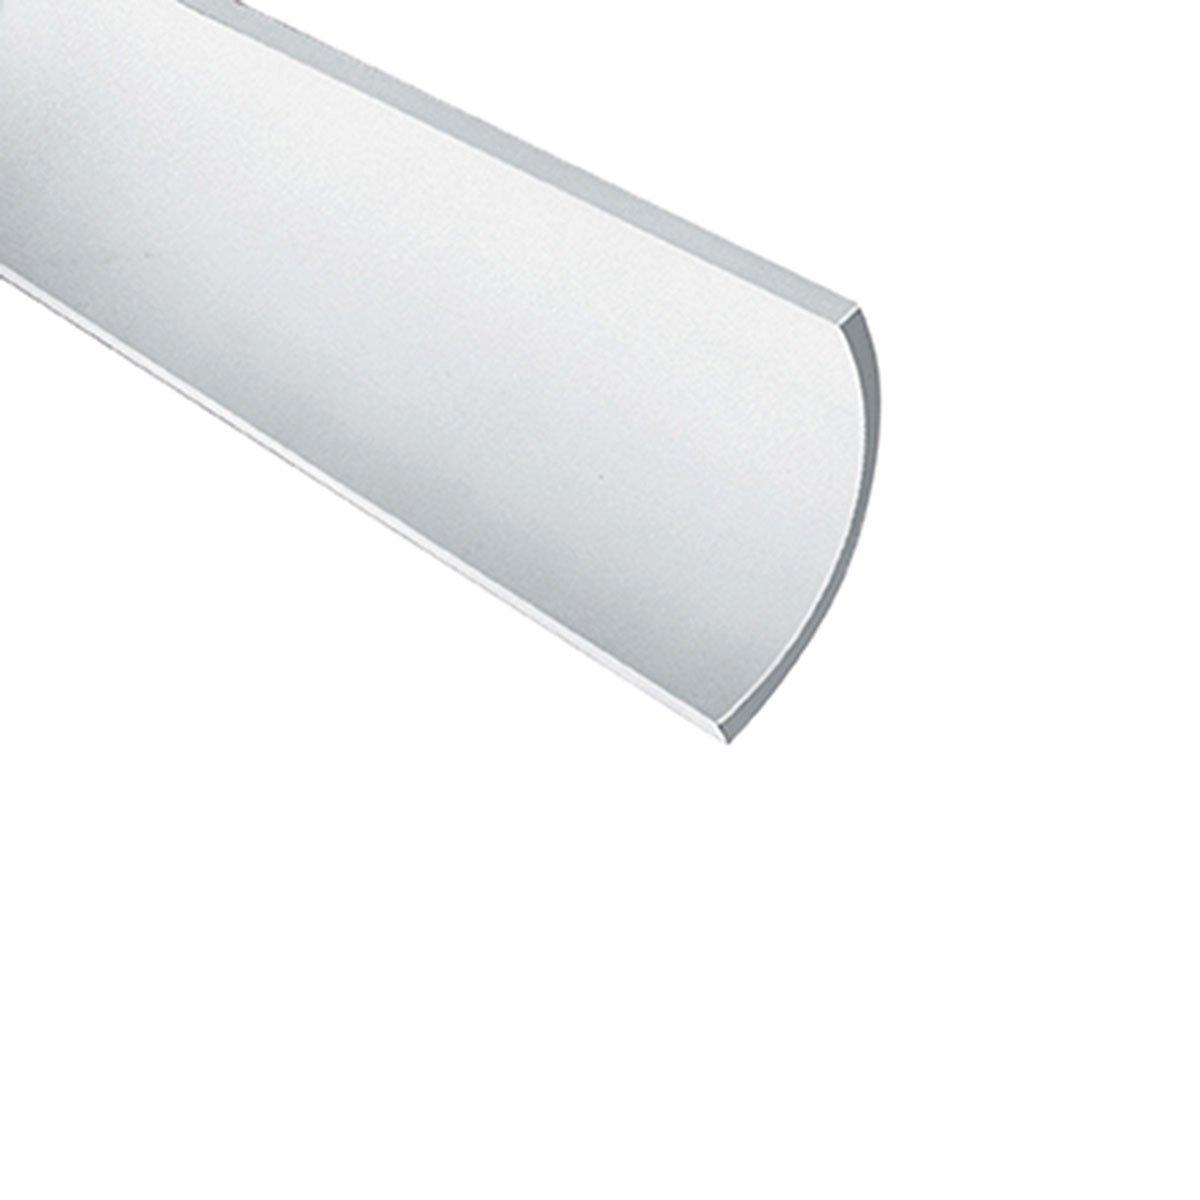 Fypon MLD734-12 14 3/8''H x 14 3/8''P, 12' Length, Door/Window Moulding